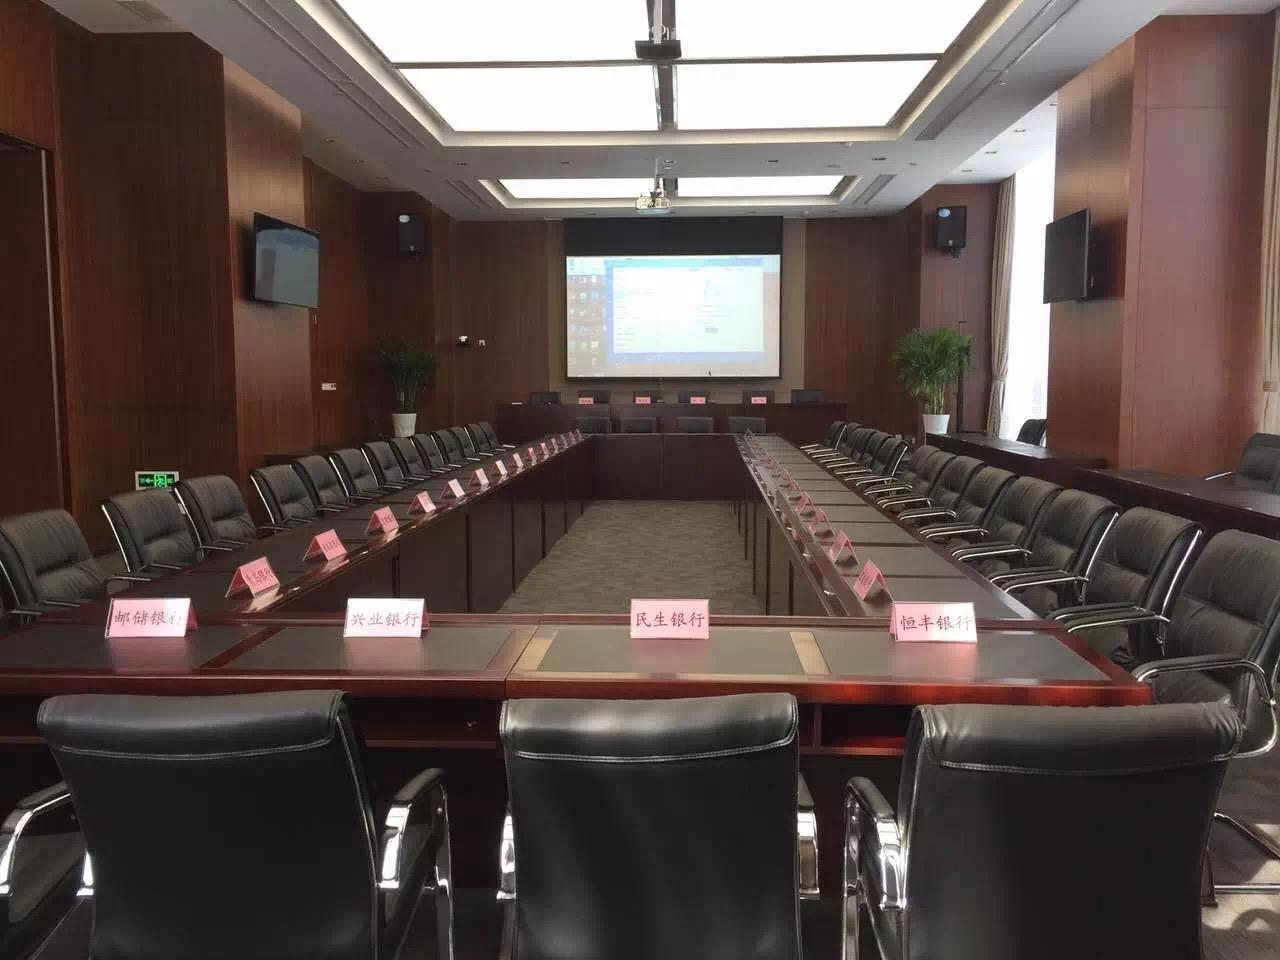 第一视频会议室.jpg